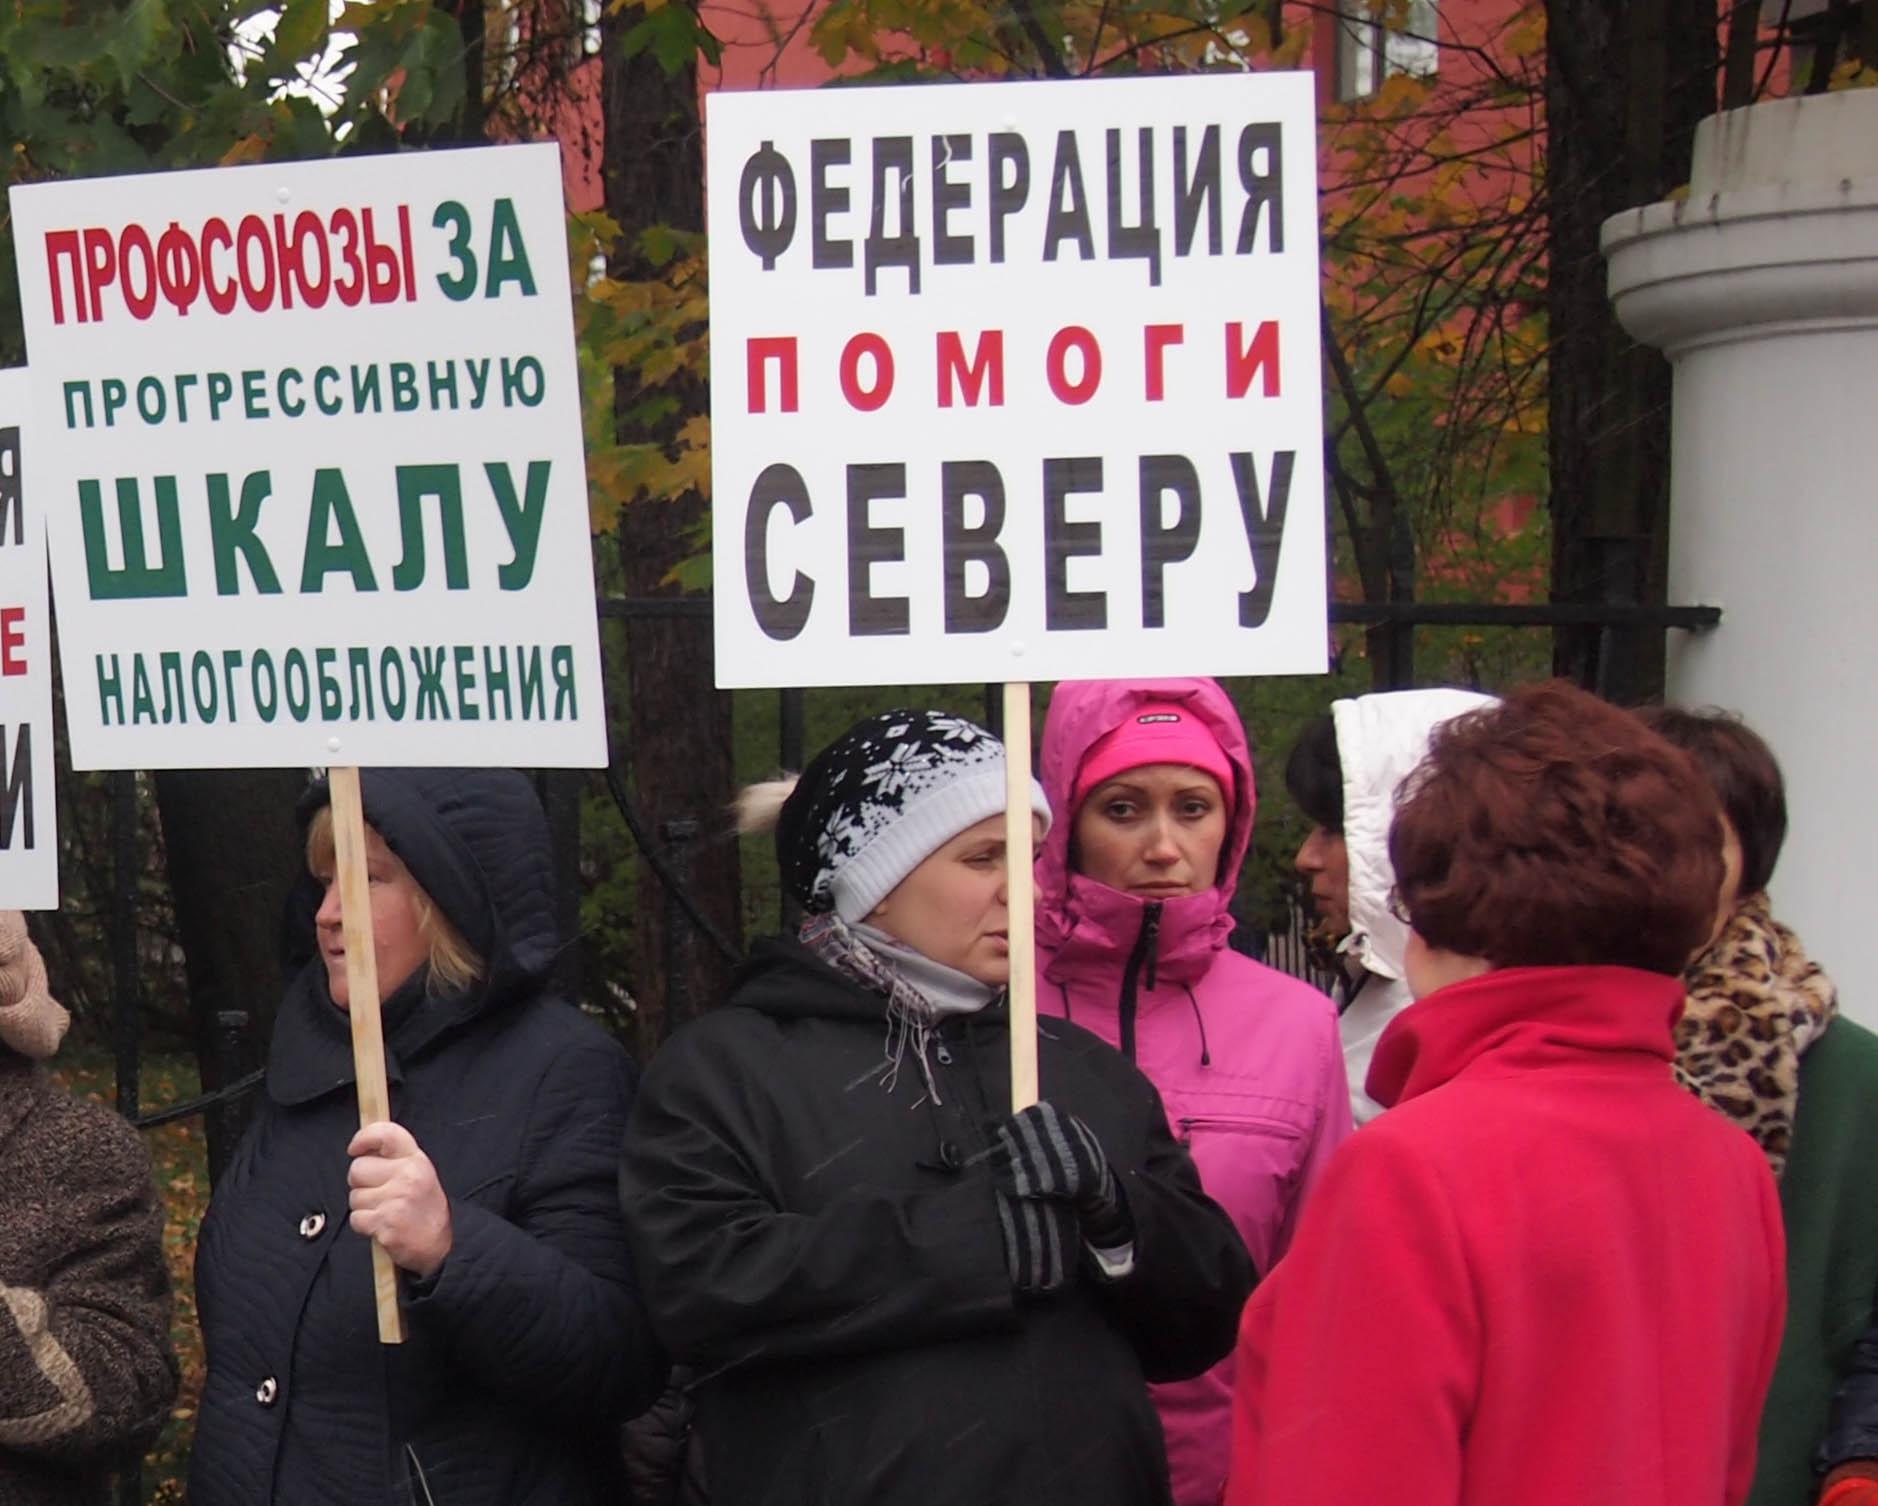 Одним из главных требований участников профсоюзной акции в Петрозаводске стала защита северных льгот. Фото: Валерий Поташов